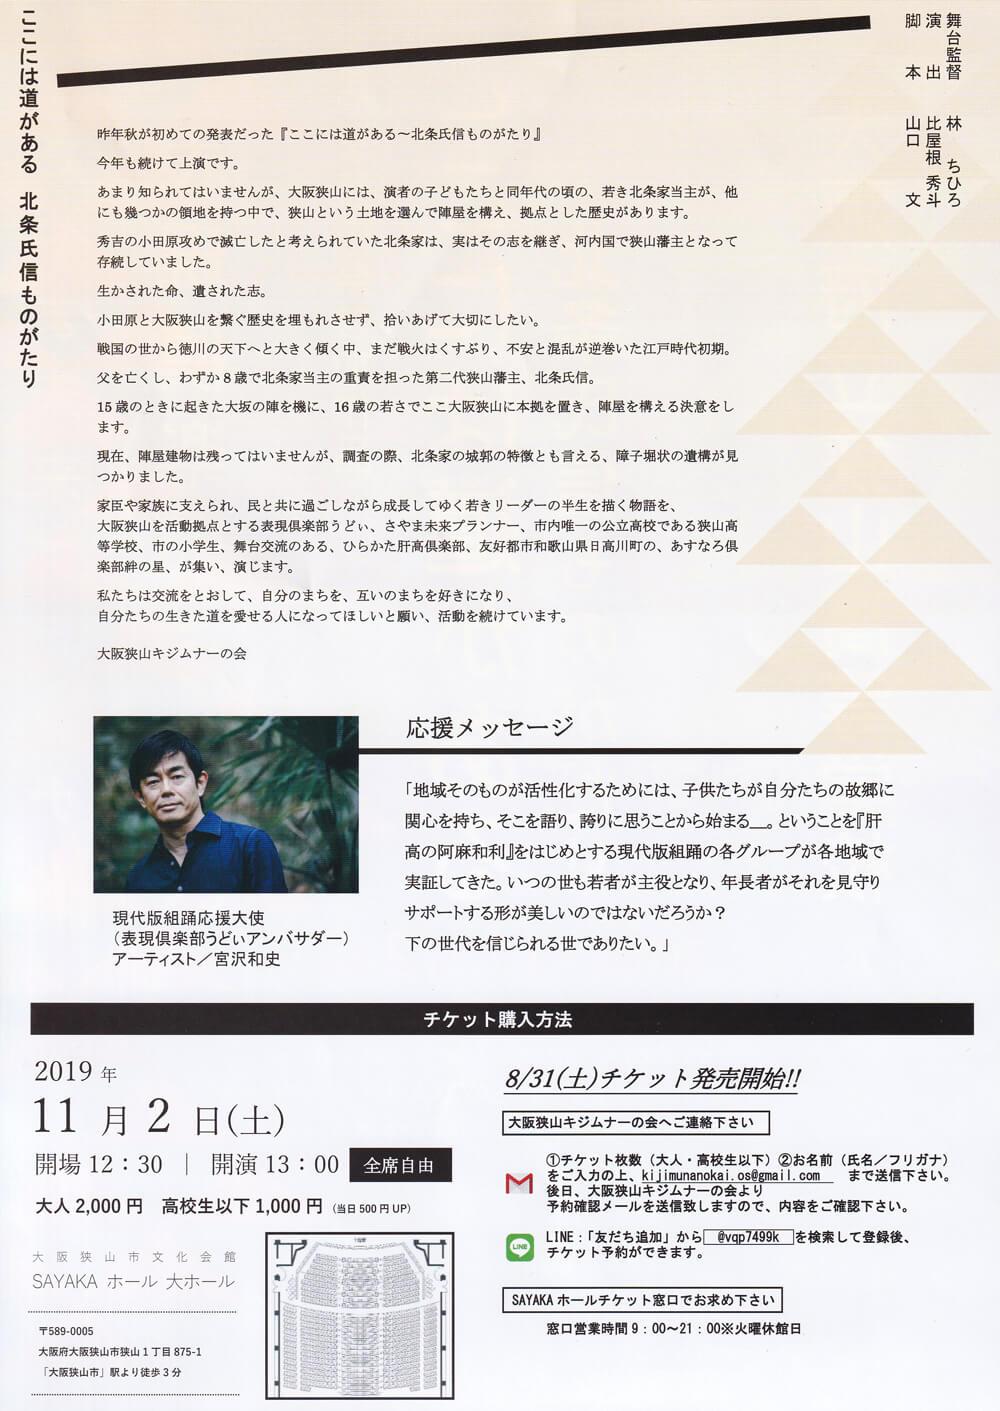 さやま芸術祭参加作品「ここには道がある 北条氏信ものがたり」が、SAYAKAホールにて2019年11月2日に公演